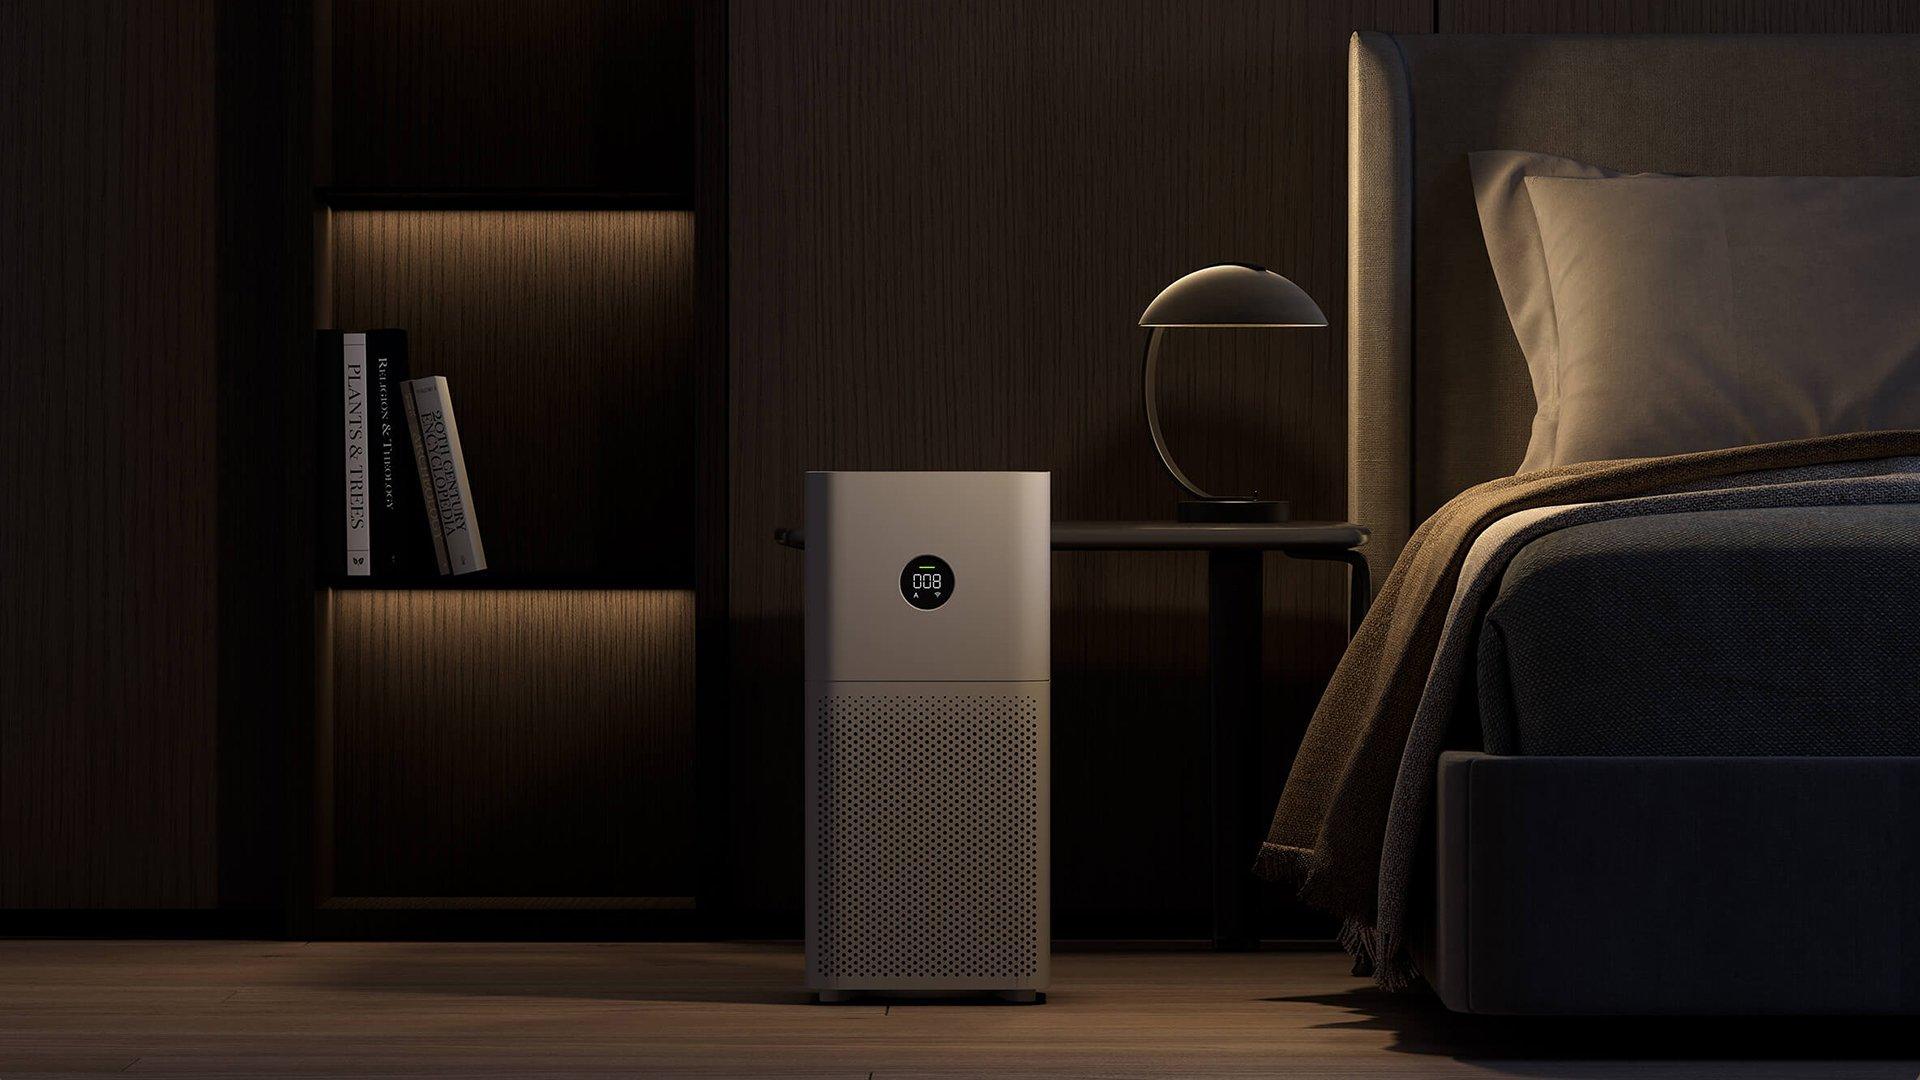 Le Xiaomi Mi Air Purifier 3C fait très peu de bruit afin de pouvoir dormir et respirer un air sain même la nuit.